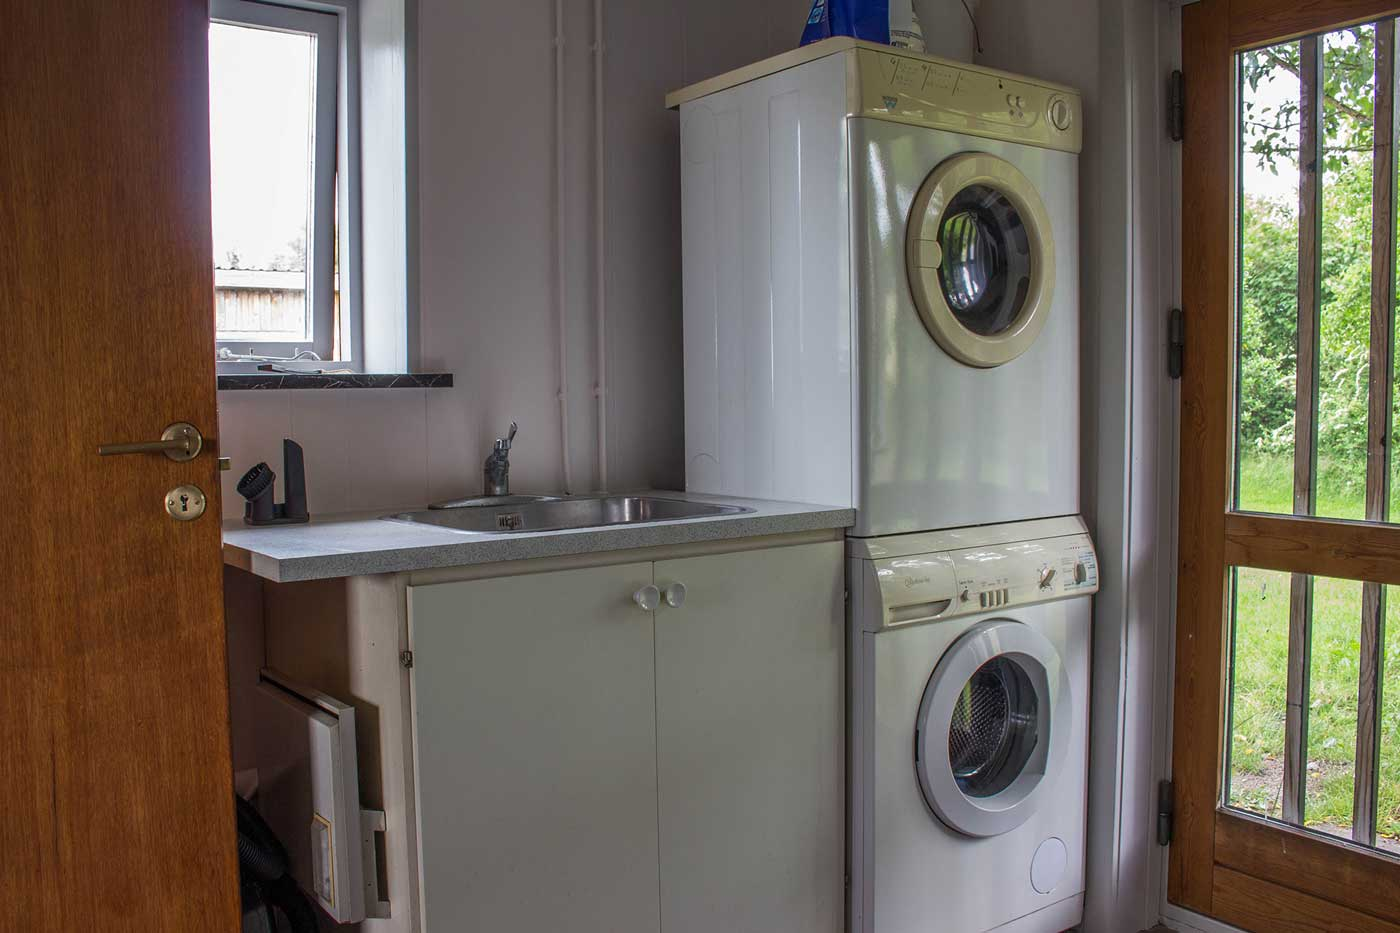 Bryggers ved indgang til lejligheden med vask, vaskemaskine og tørretumbler